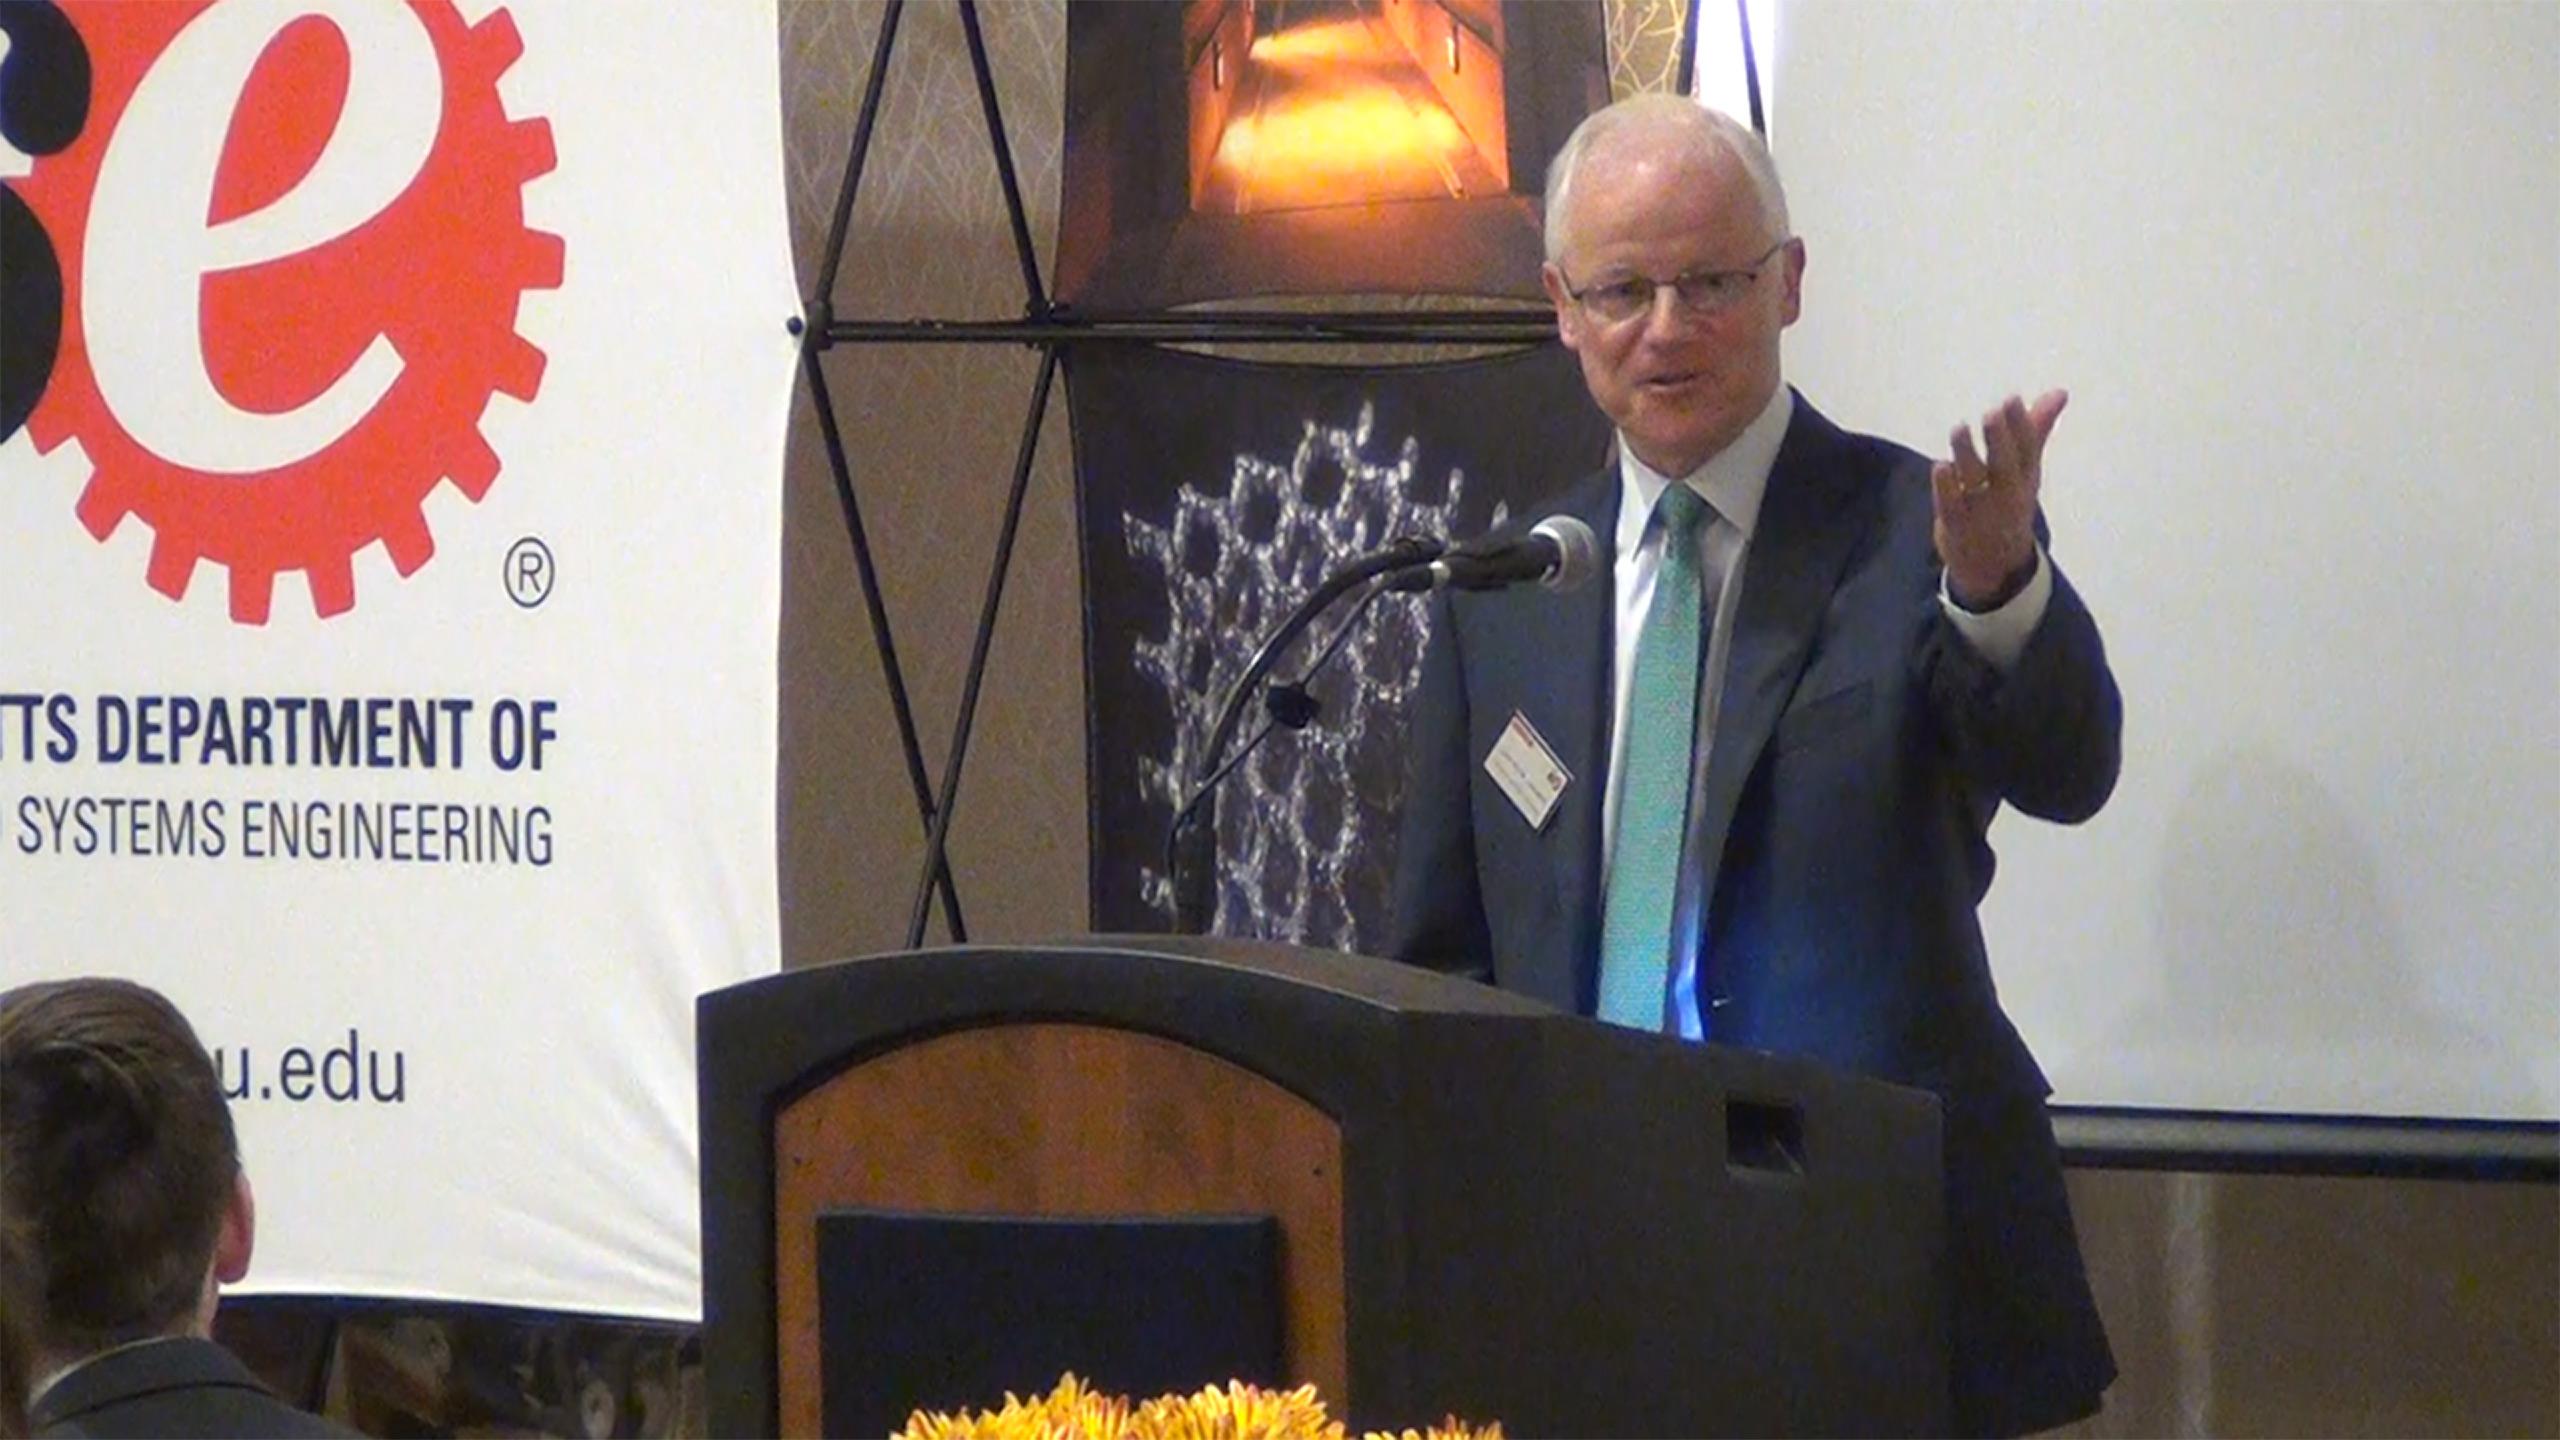 Jeffrey Johnson | Distinguished Alumni Award